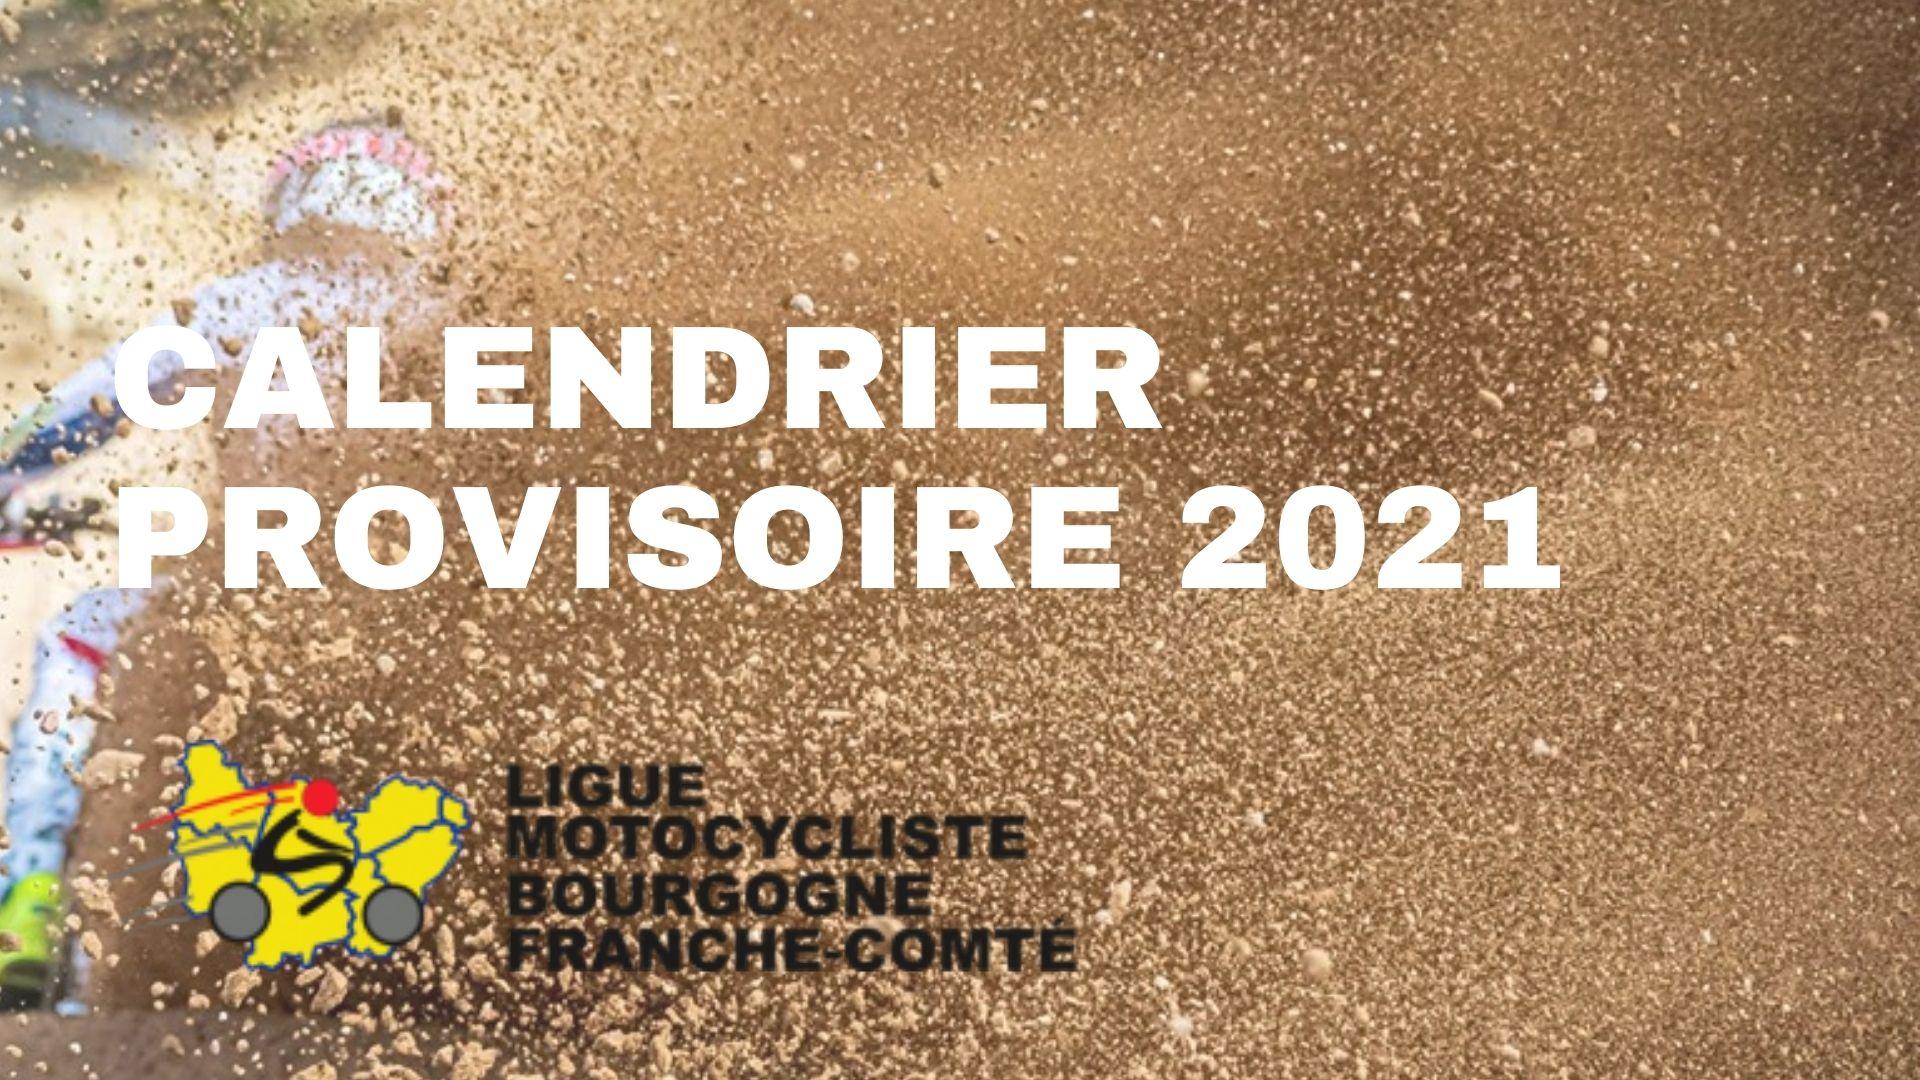 Ligue Motocyclisme Bourgogne Franche Comté page d'accueil